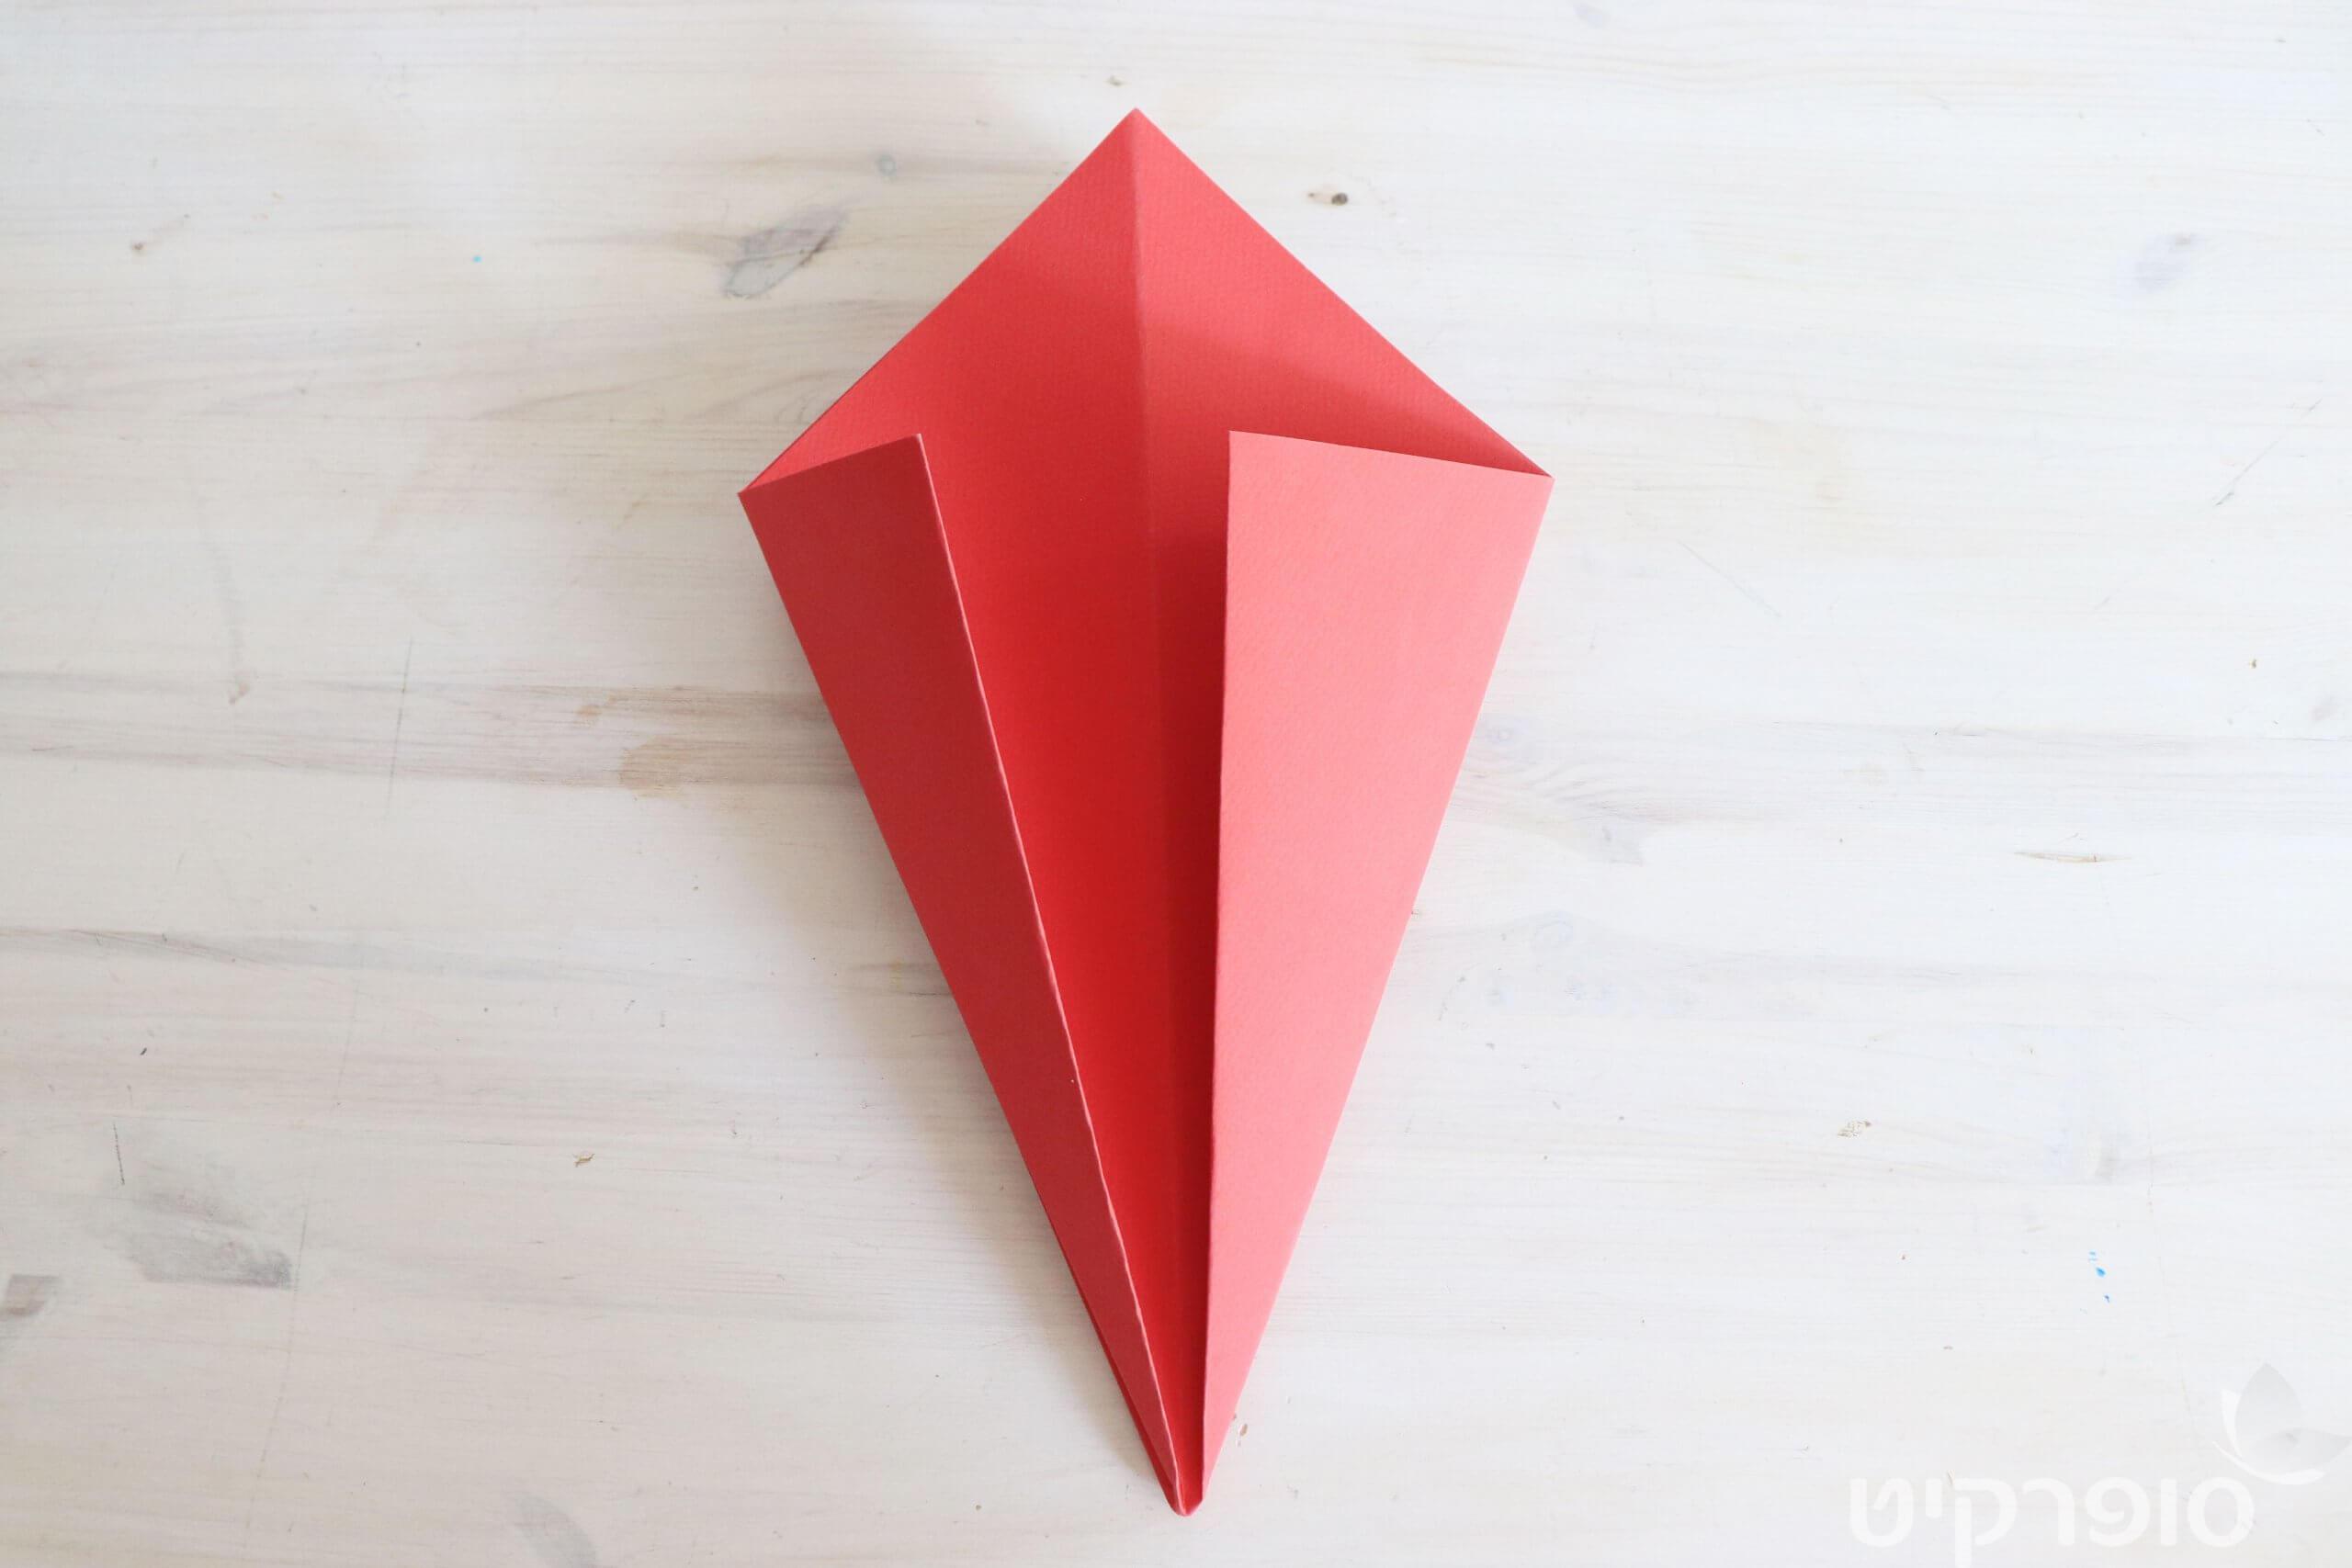 משלוח מנות מנייר אוריגמי